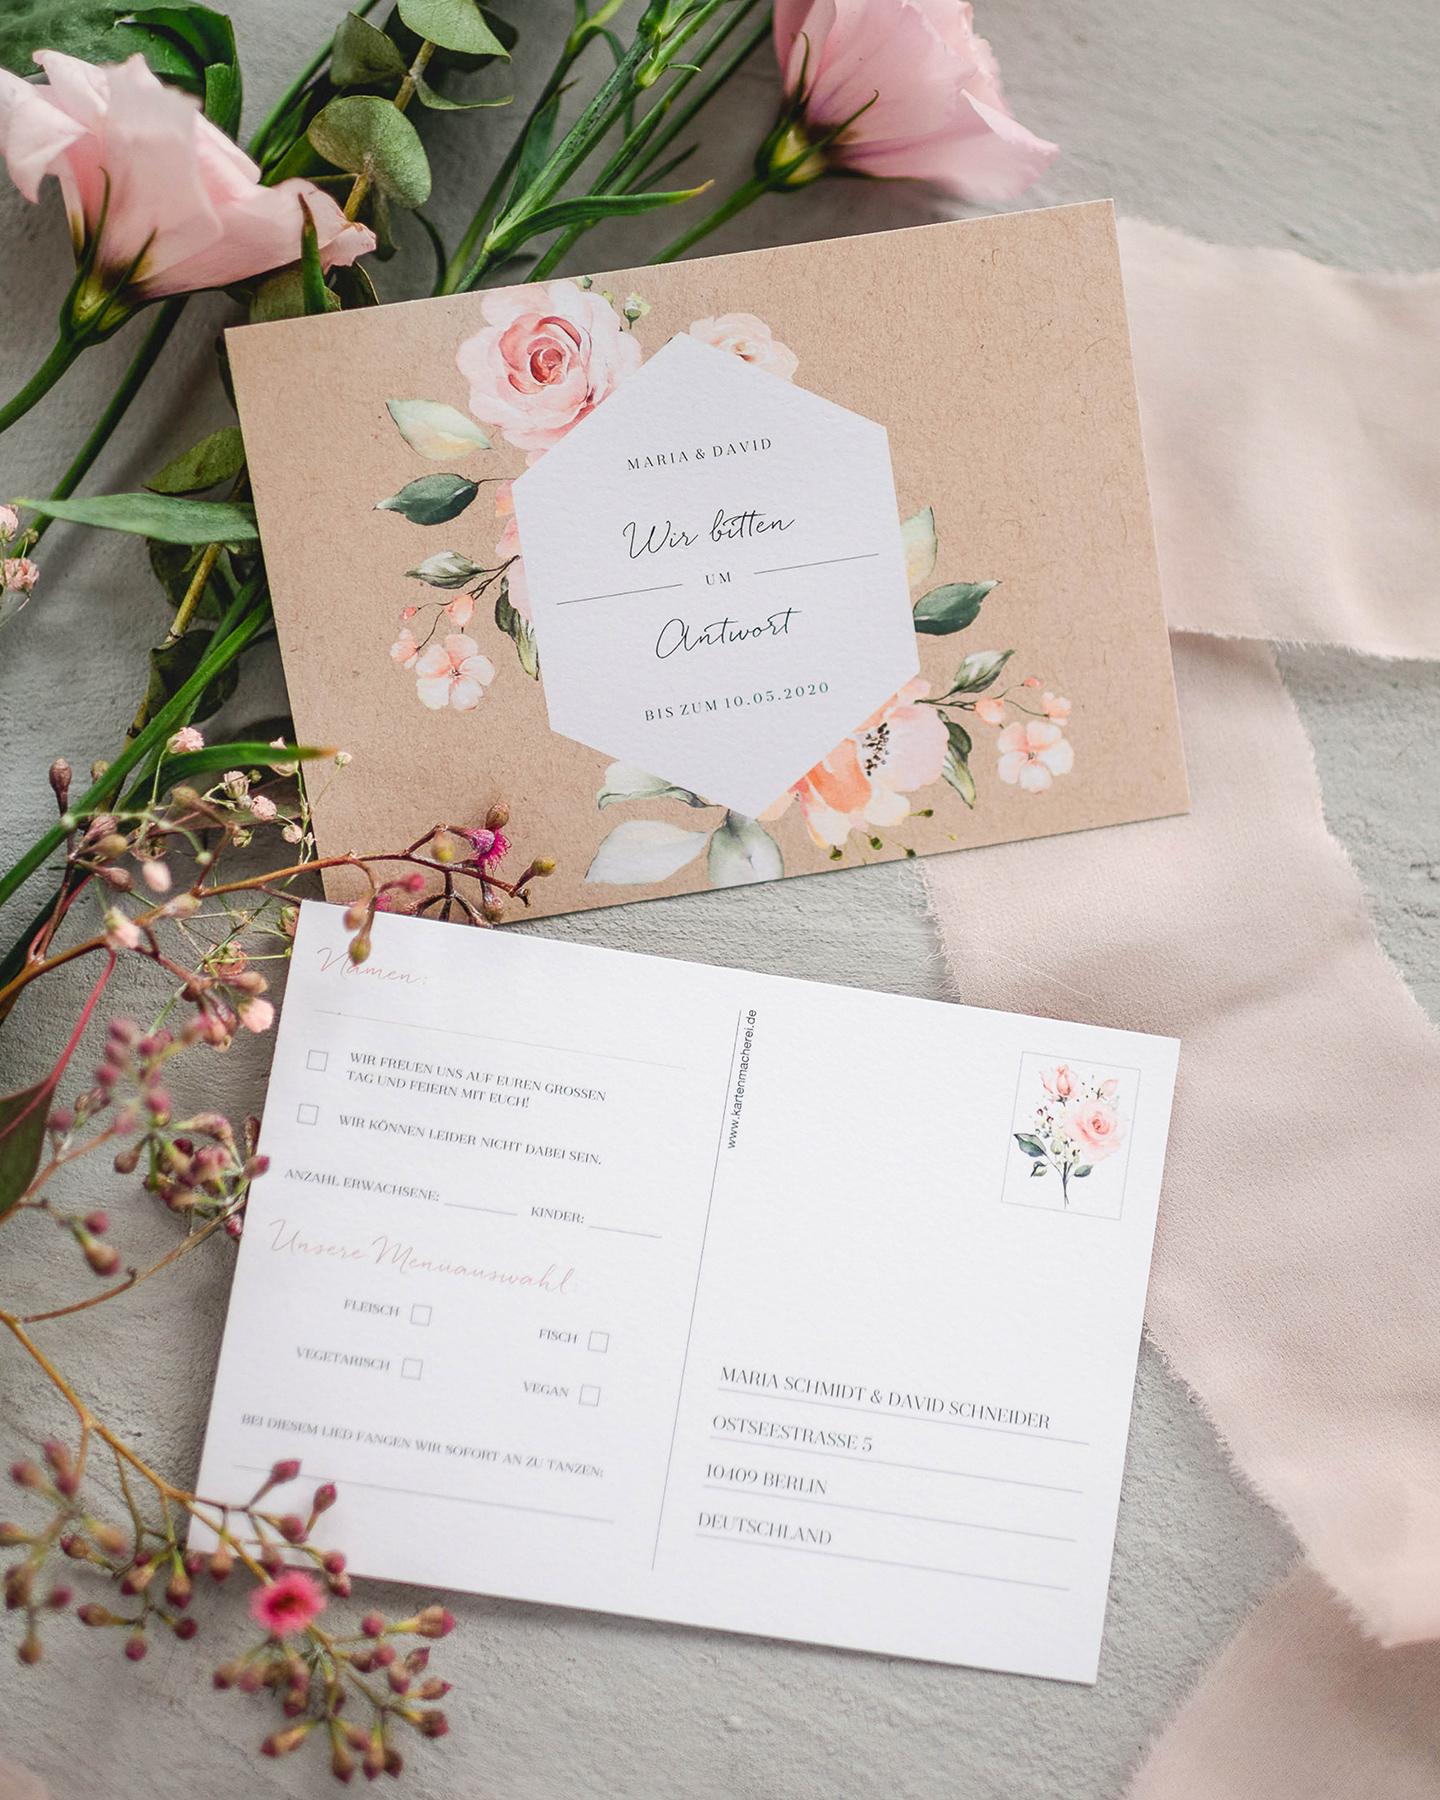 Antwortkarten zur Hochzeit im floralen Design